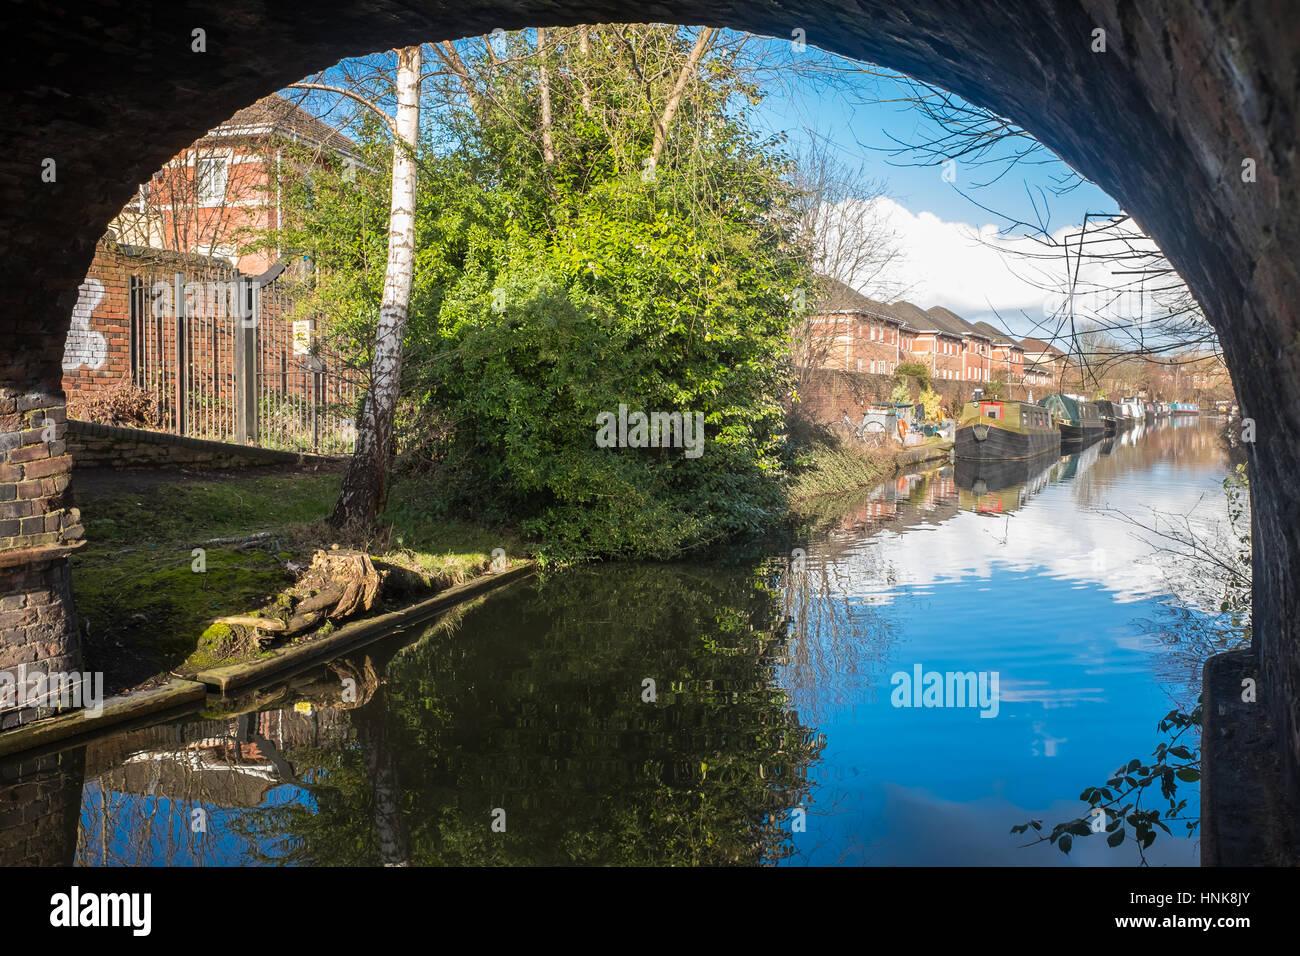 Schöne Aussicht auf Birmingham Kanal mit Kanalboote gesehen Stockbild